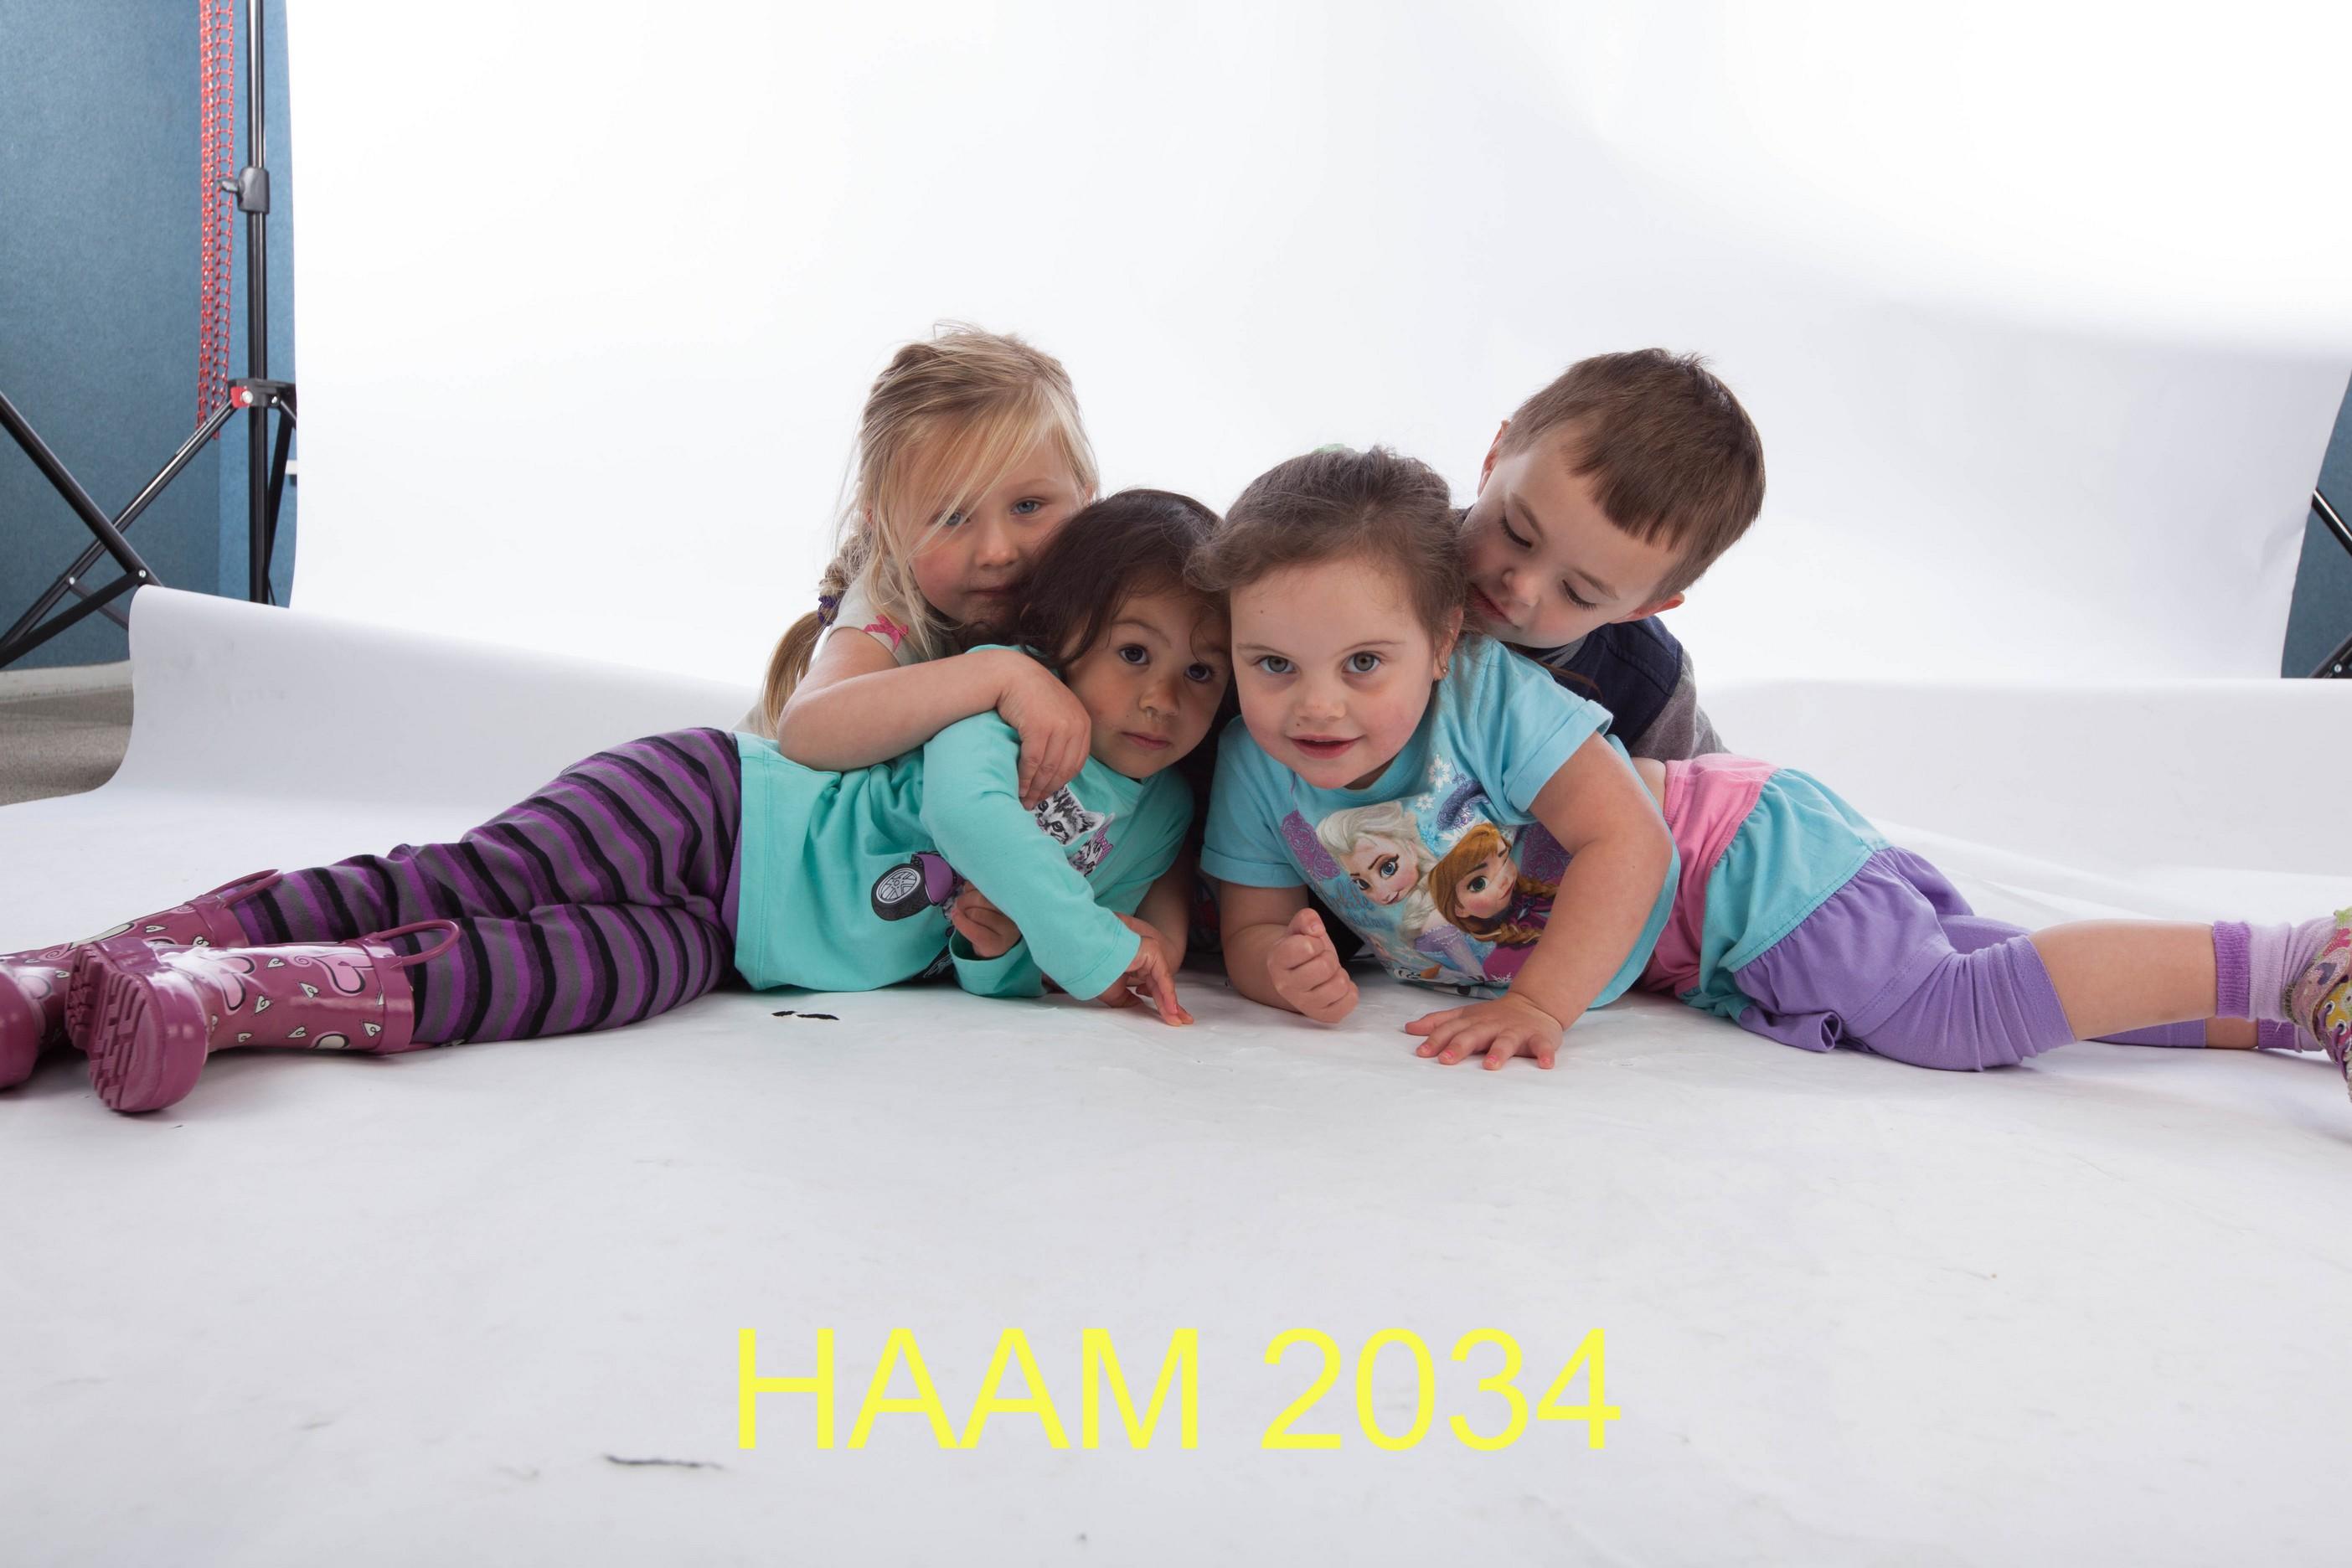 HAAM 2034